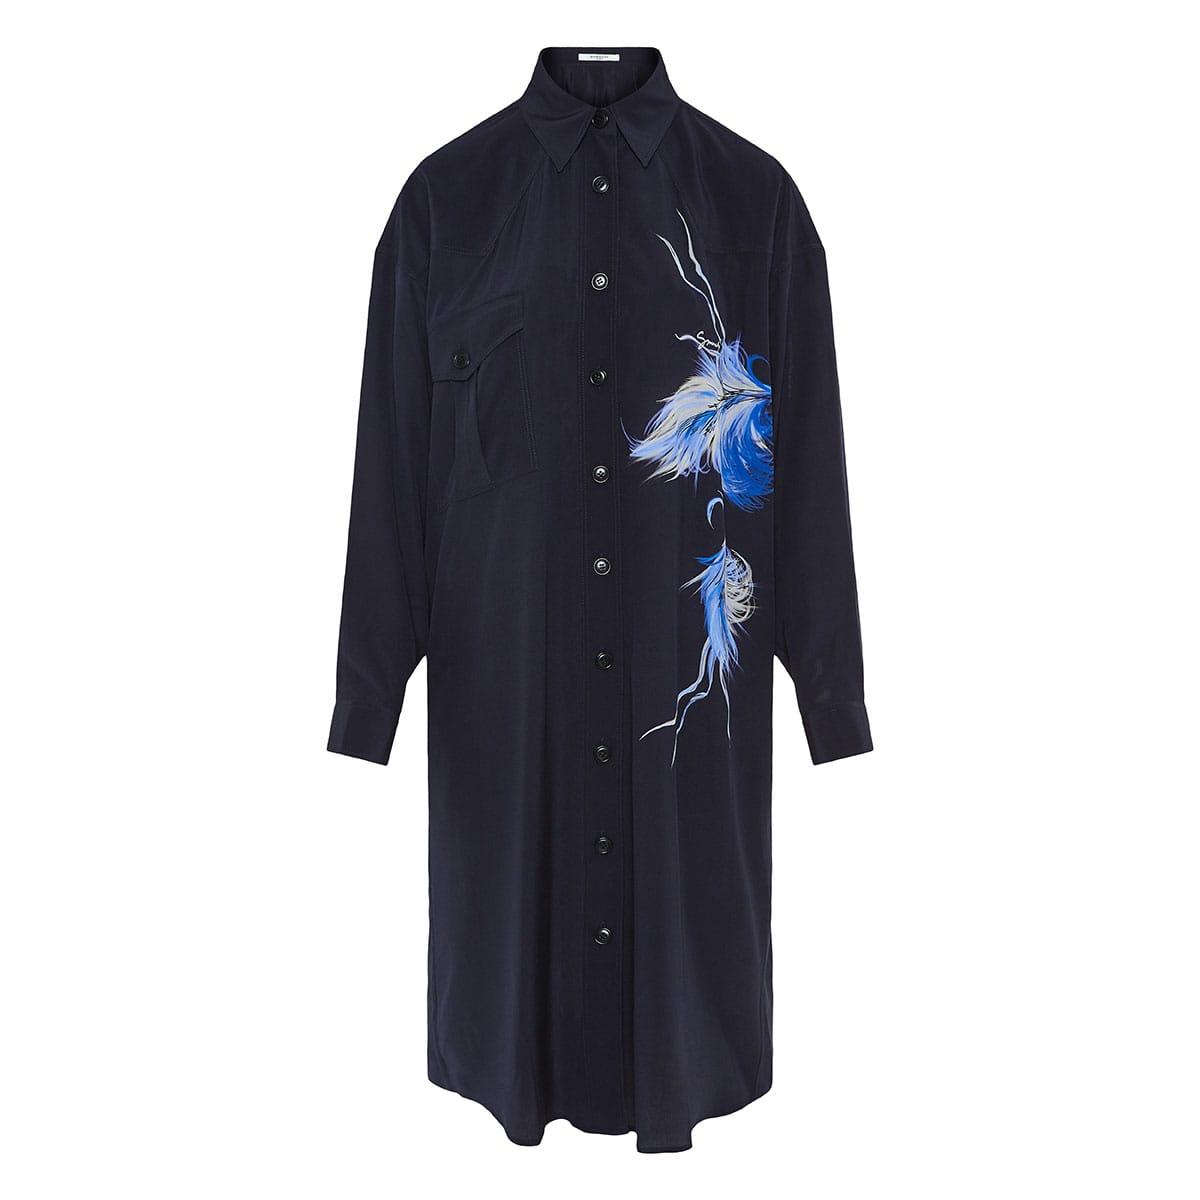 Bird-print oversized shirt dress